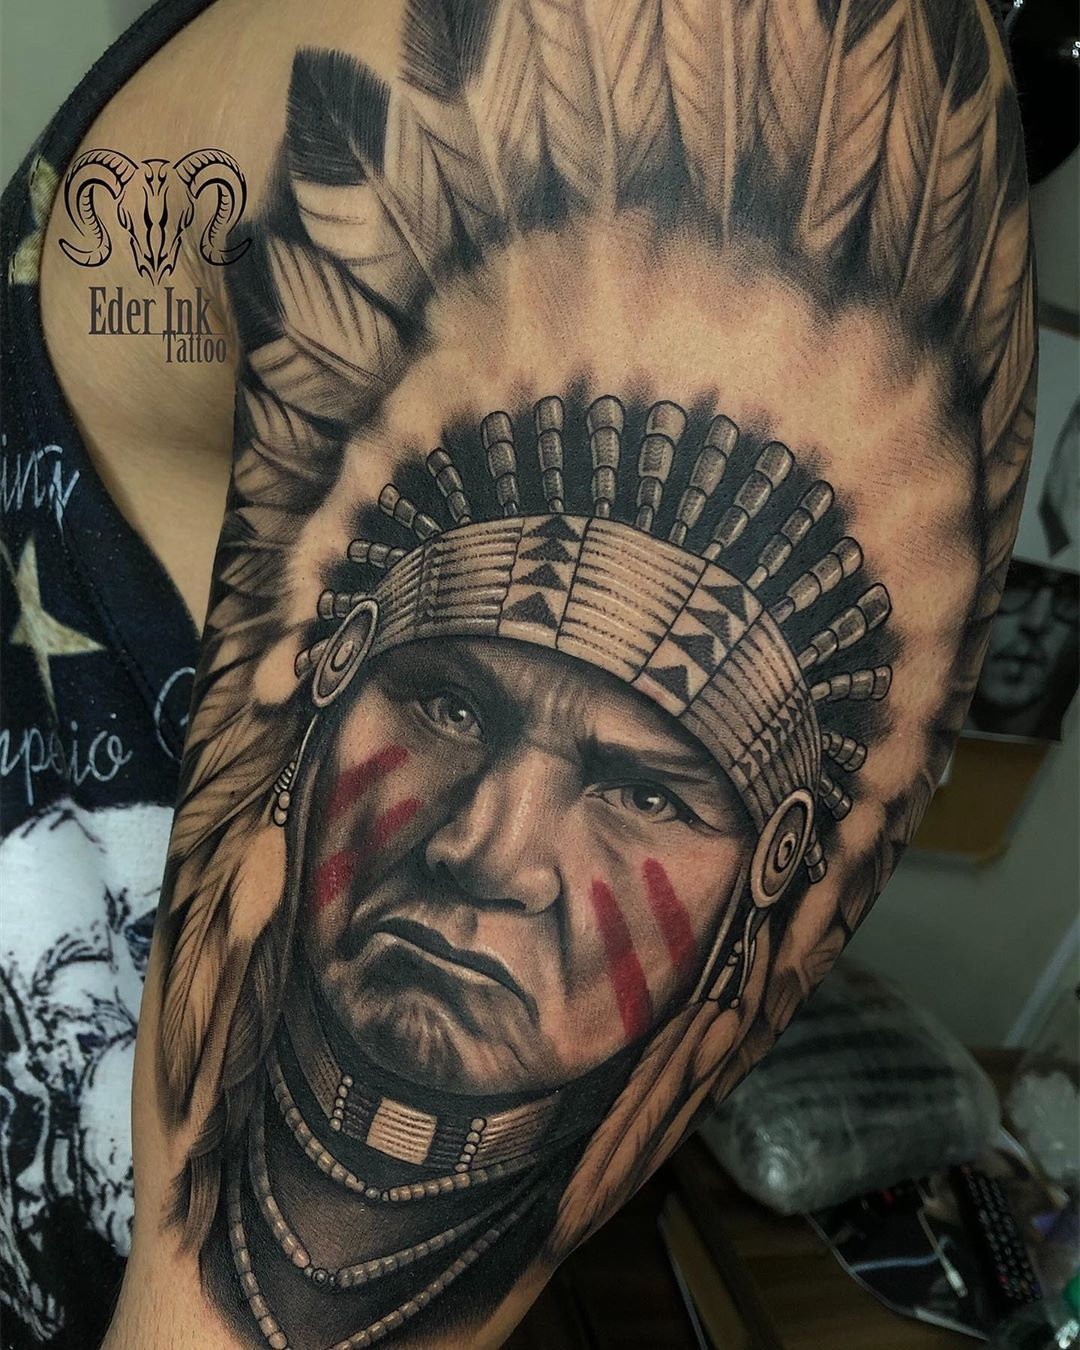 Tatuagem No Estilo Preto E Cinza Criada Pelo Artista Brasileiro Eder Ink De Franca Sp Clique Para Native American Tattoos Native Indian Tattoos Indian Tattoo